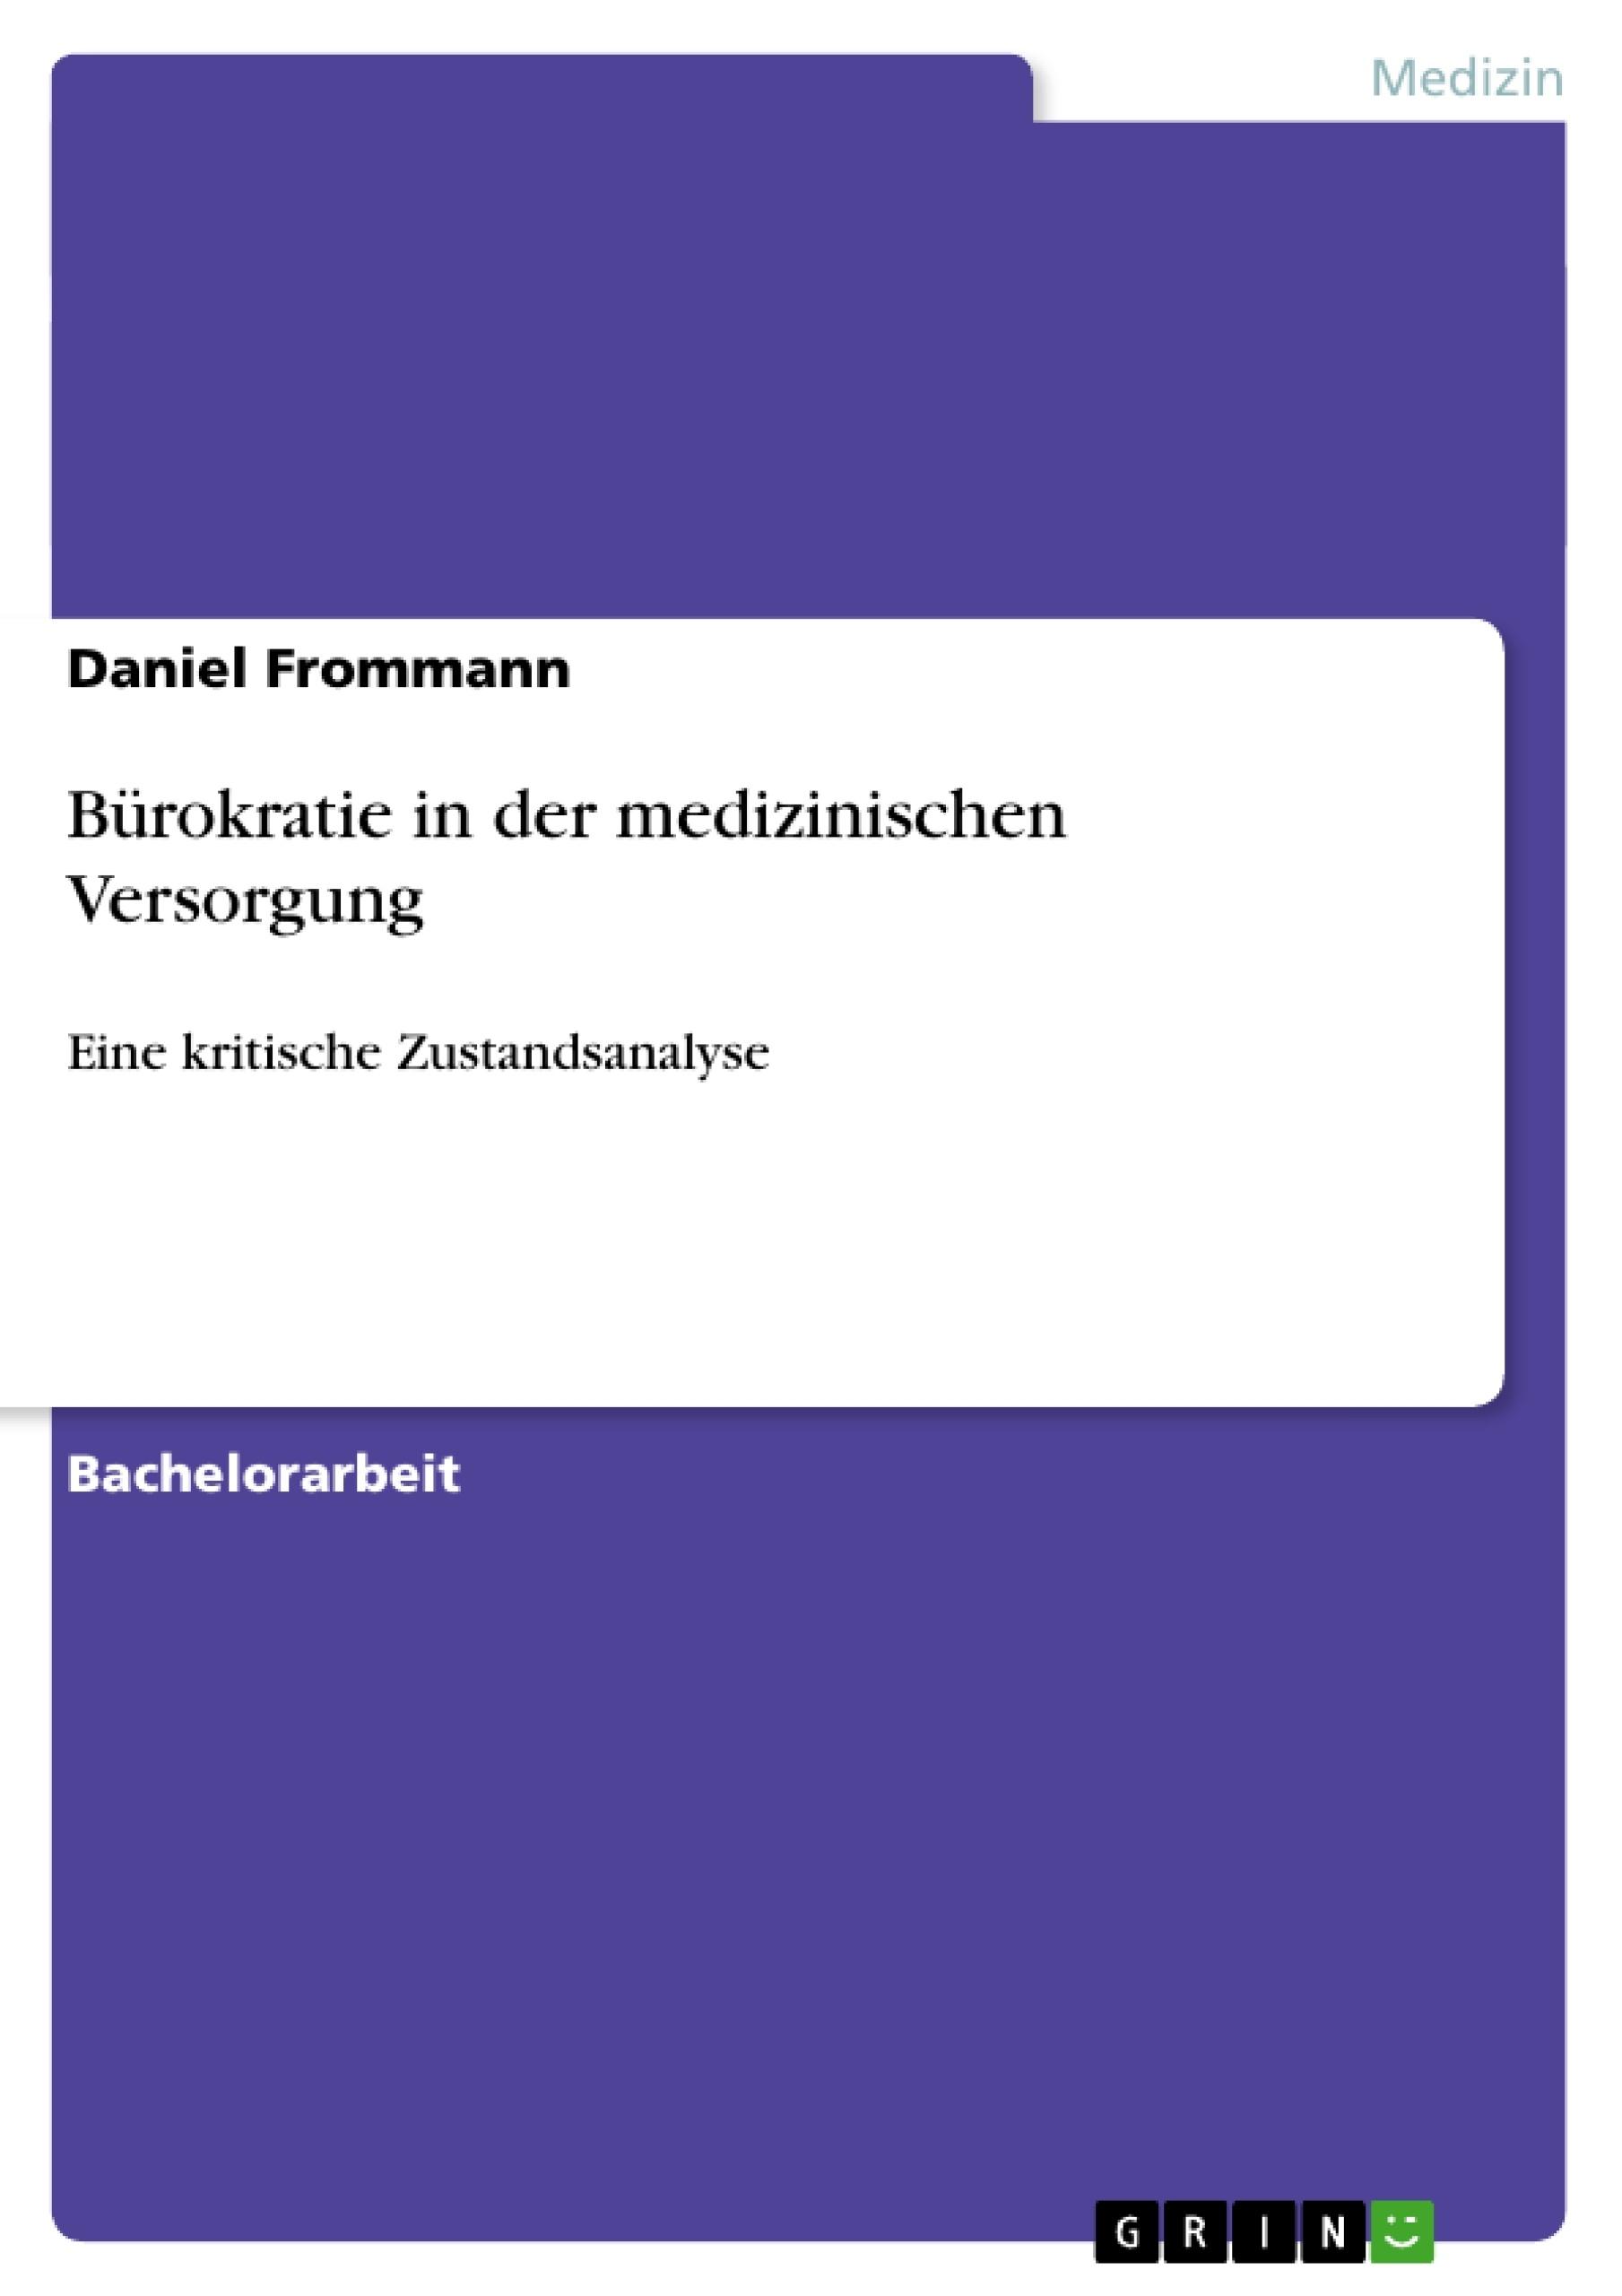 Titel: Bürokratie in der medizinischen Versorgung